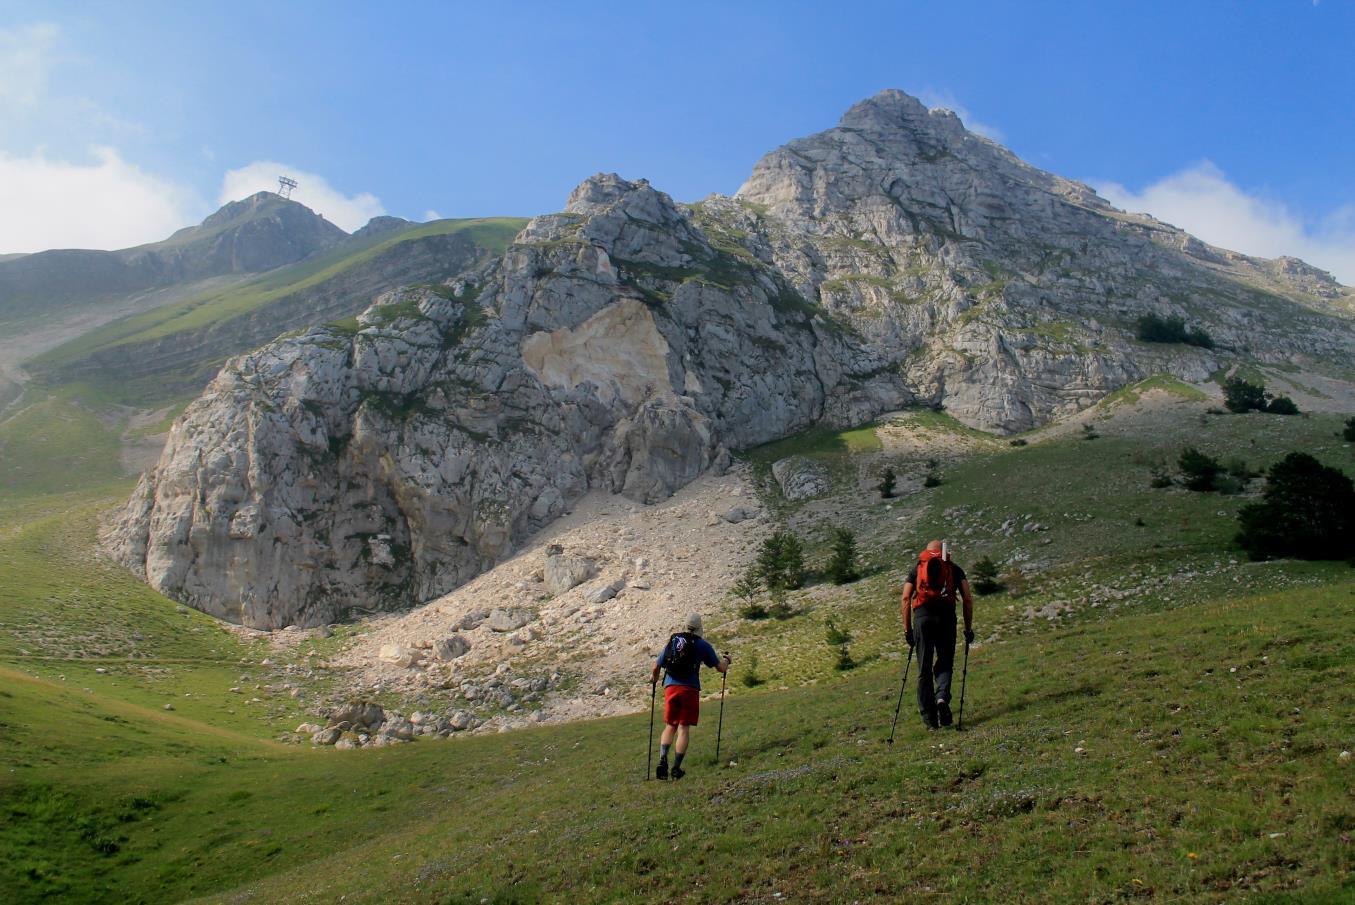 4- Parete nord del Monte Bicco con la grande frana dello spigolo est.